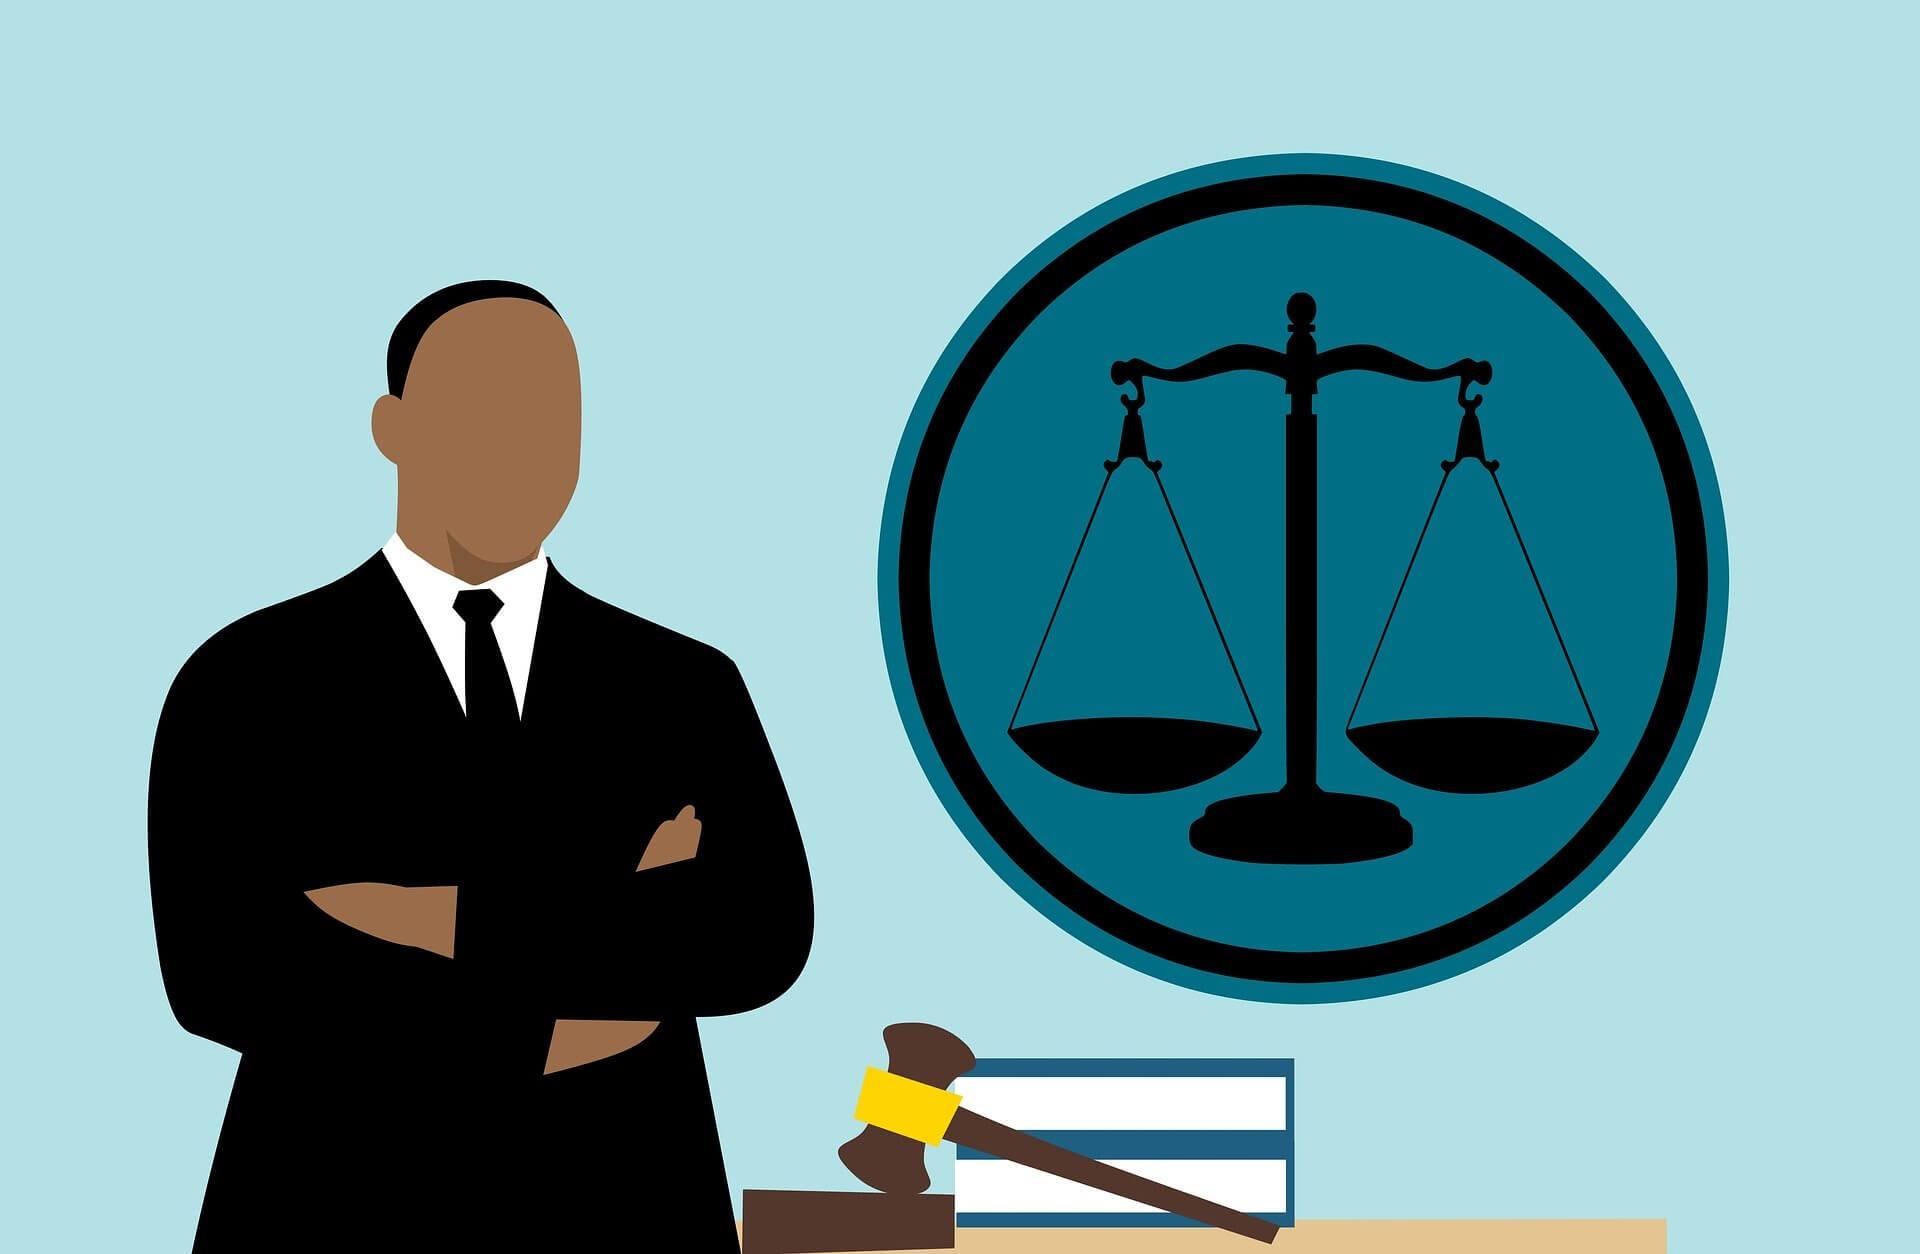 رای دادگاه درمورد عکس بی حجاب فرد در فیسبوک lawyer 3819044 1920